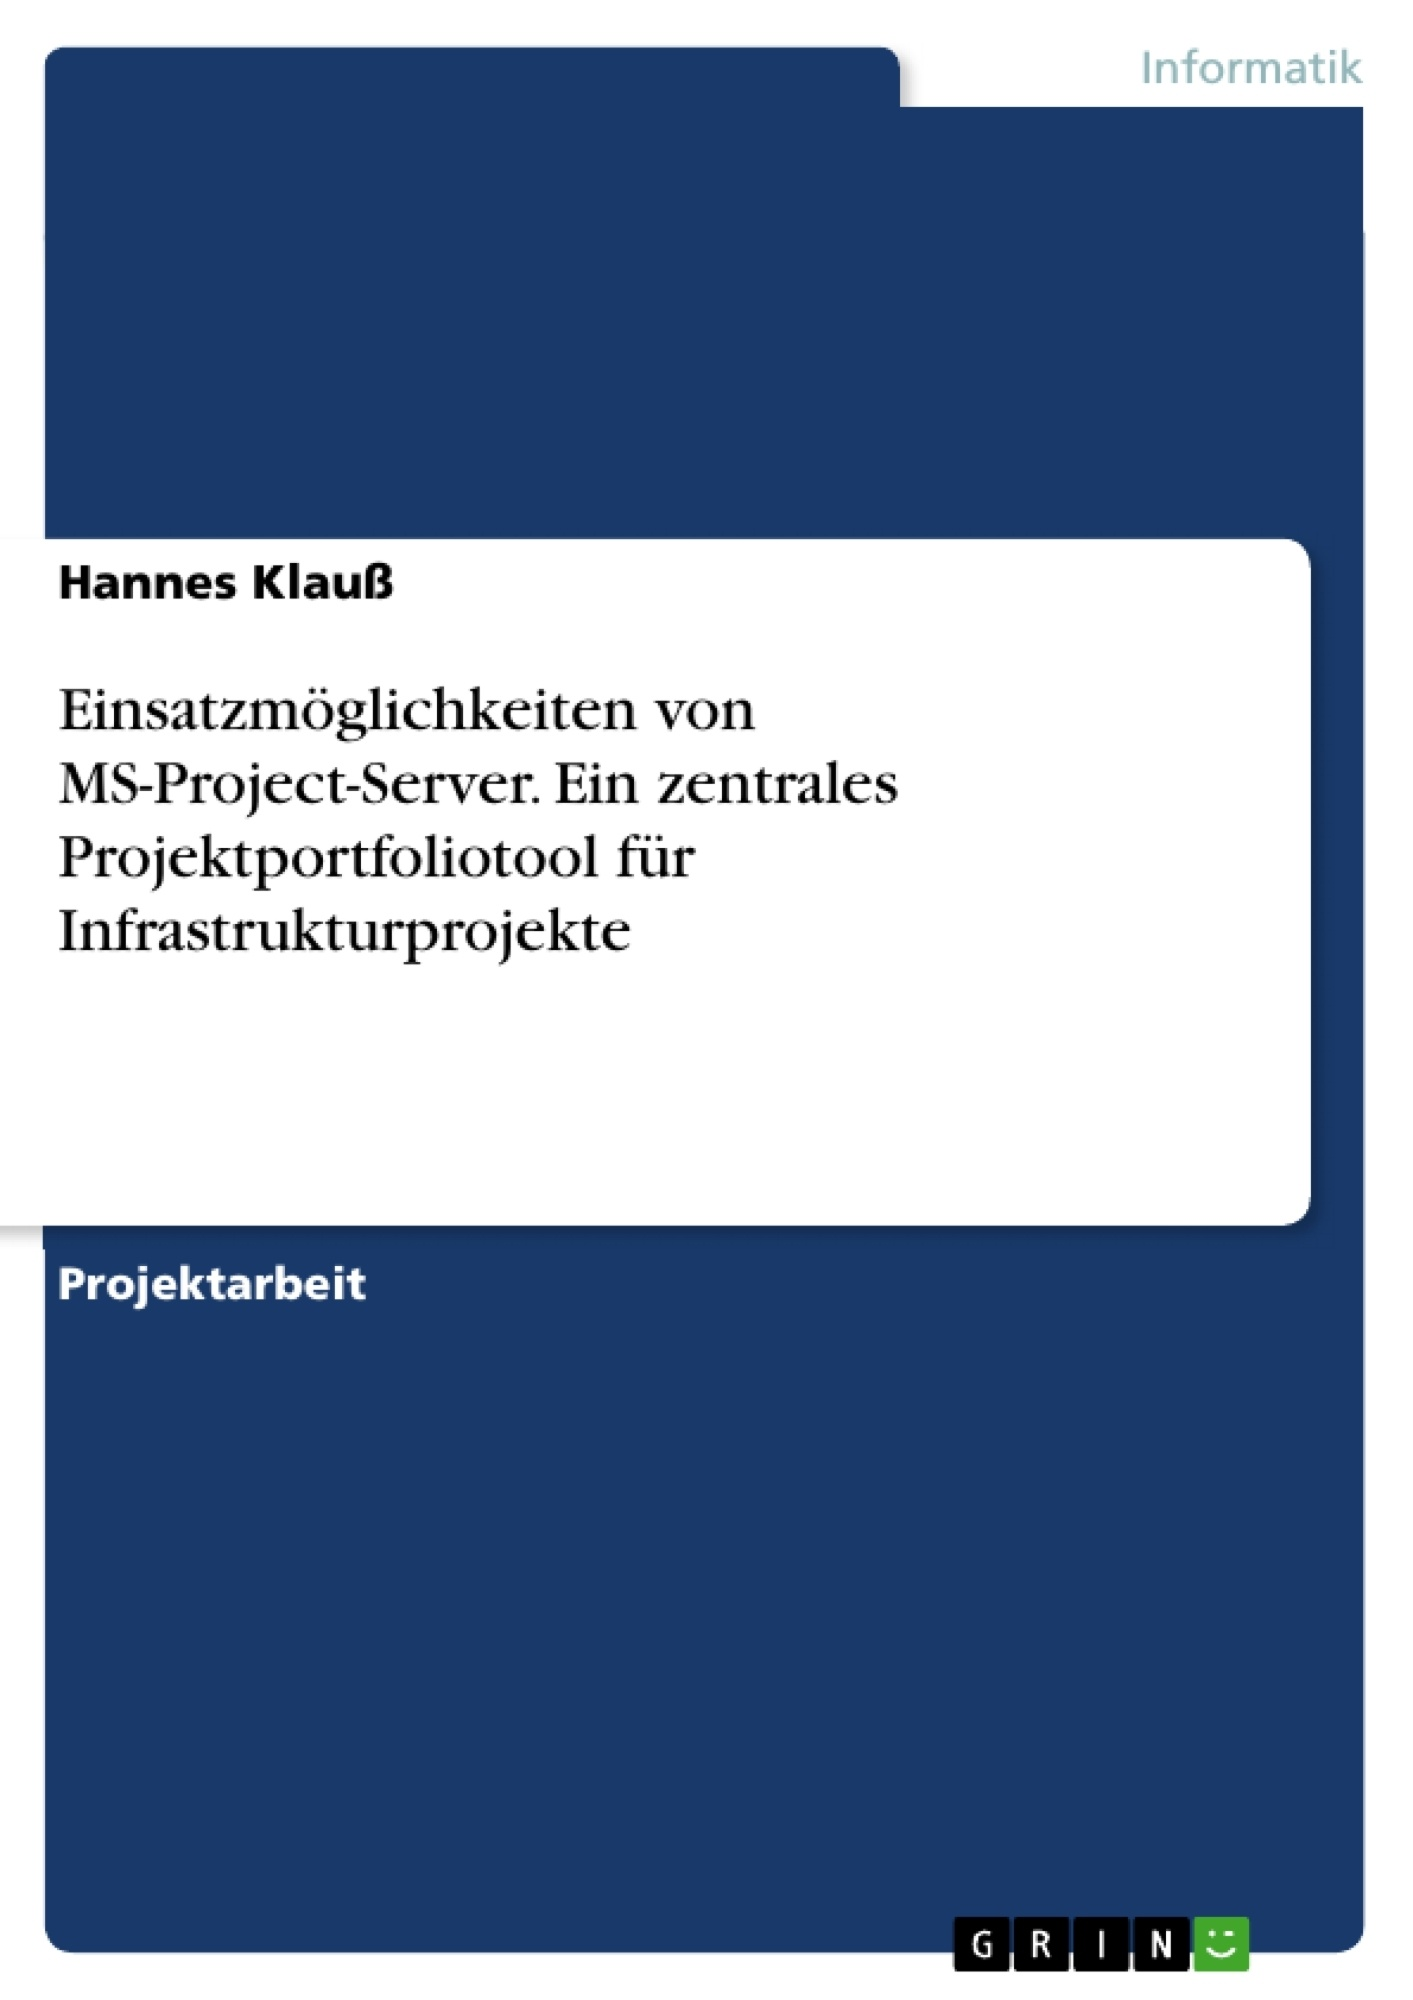 Titel: Einsatzmöglichkeiten von MS-Project-Server. Ein zentrales Projektportfoliotool für Infrastrukturprojekte